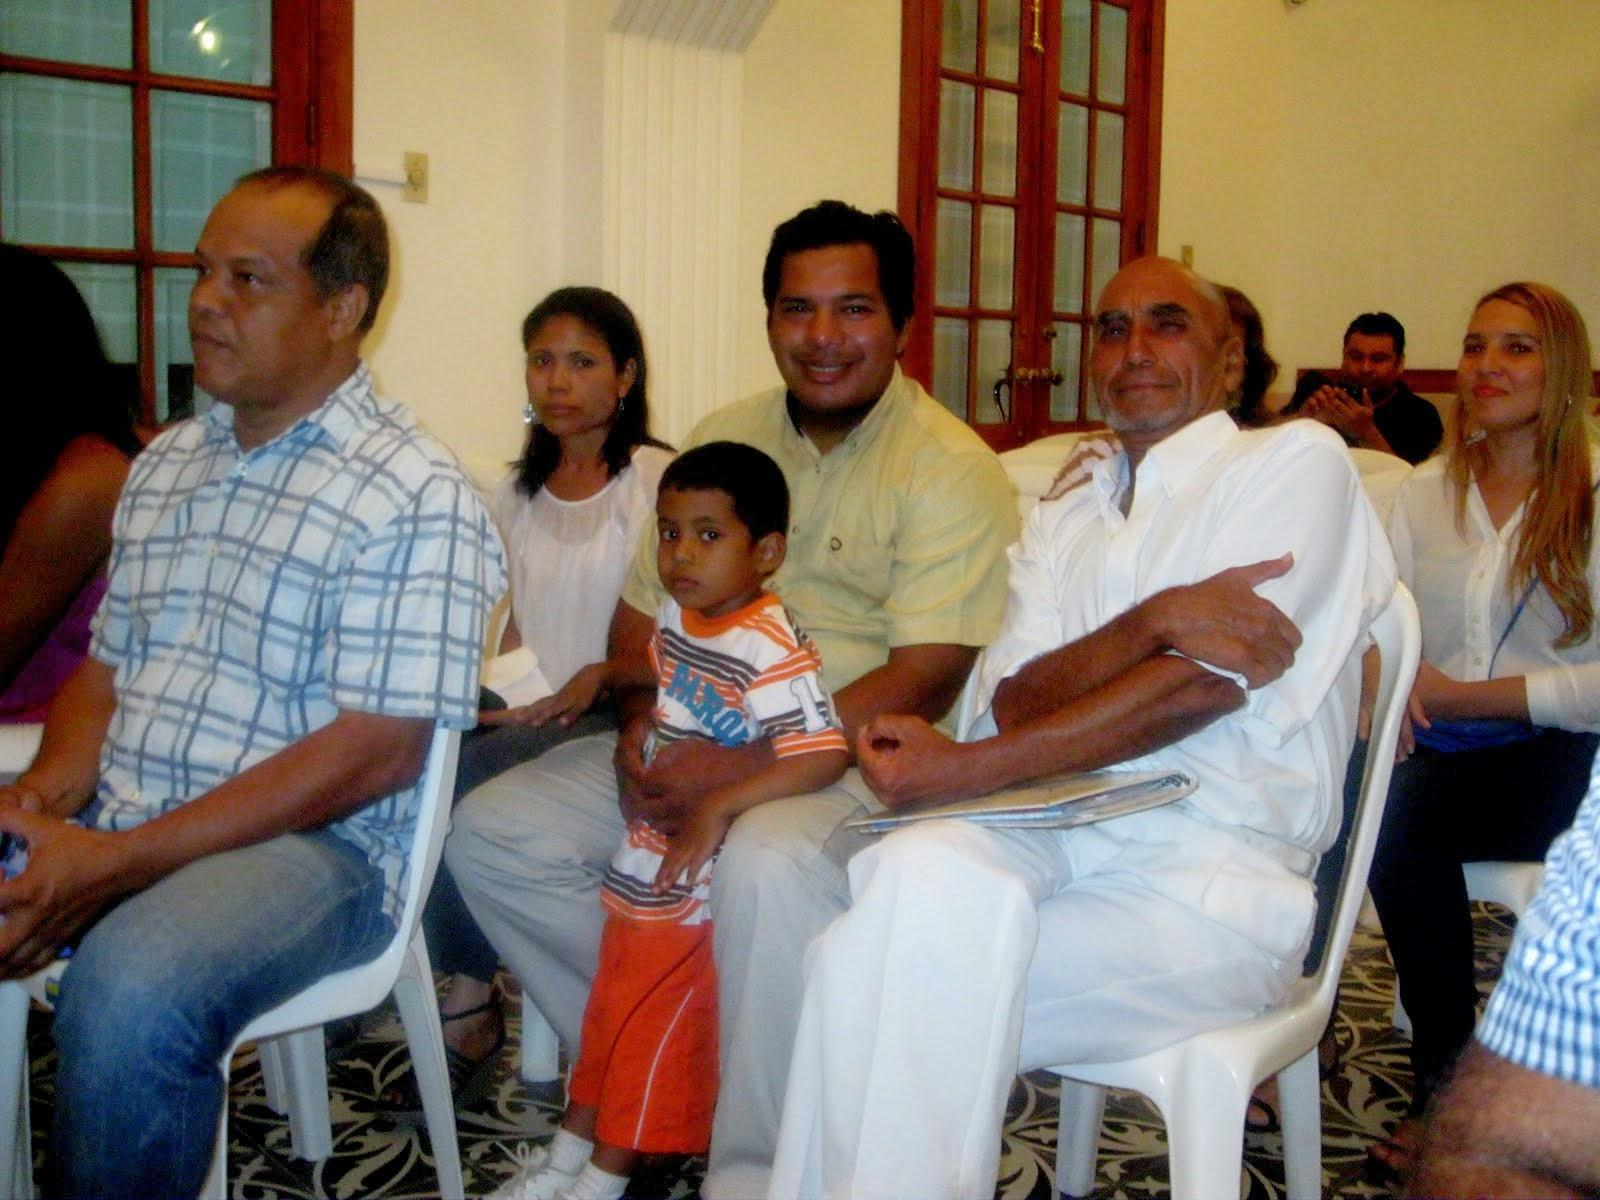 TERTULIA por HELIOS MAR en Barranquilla